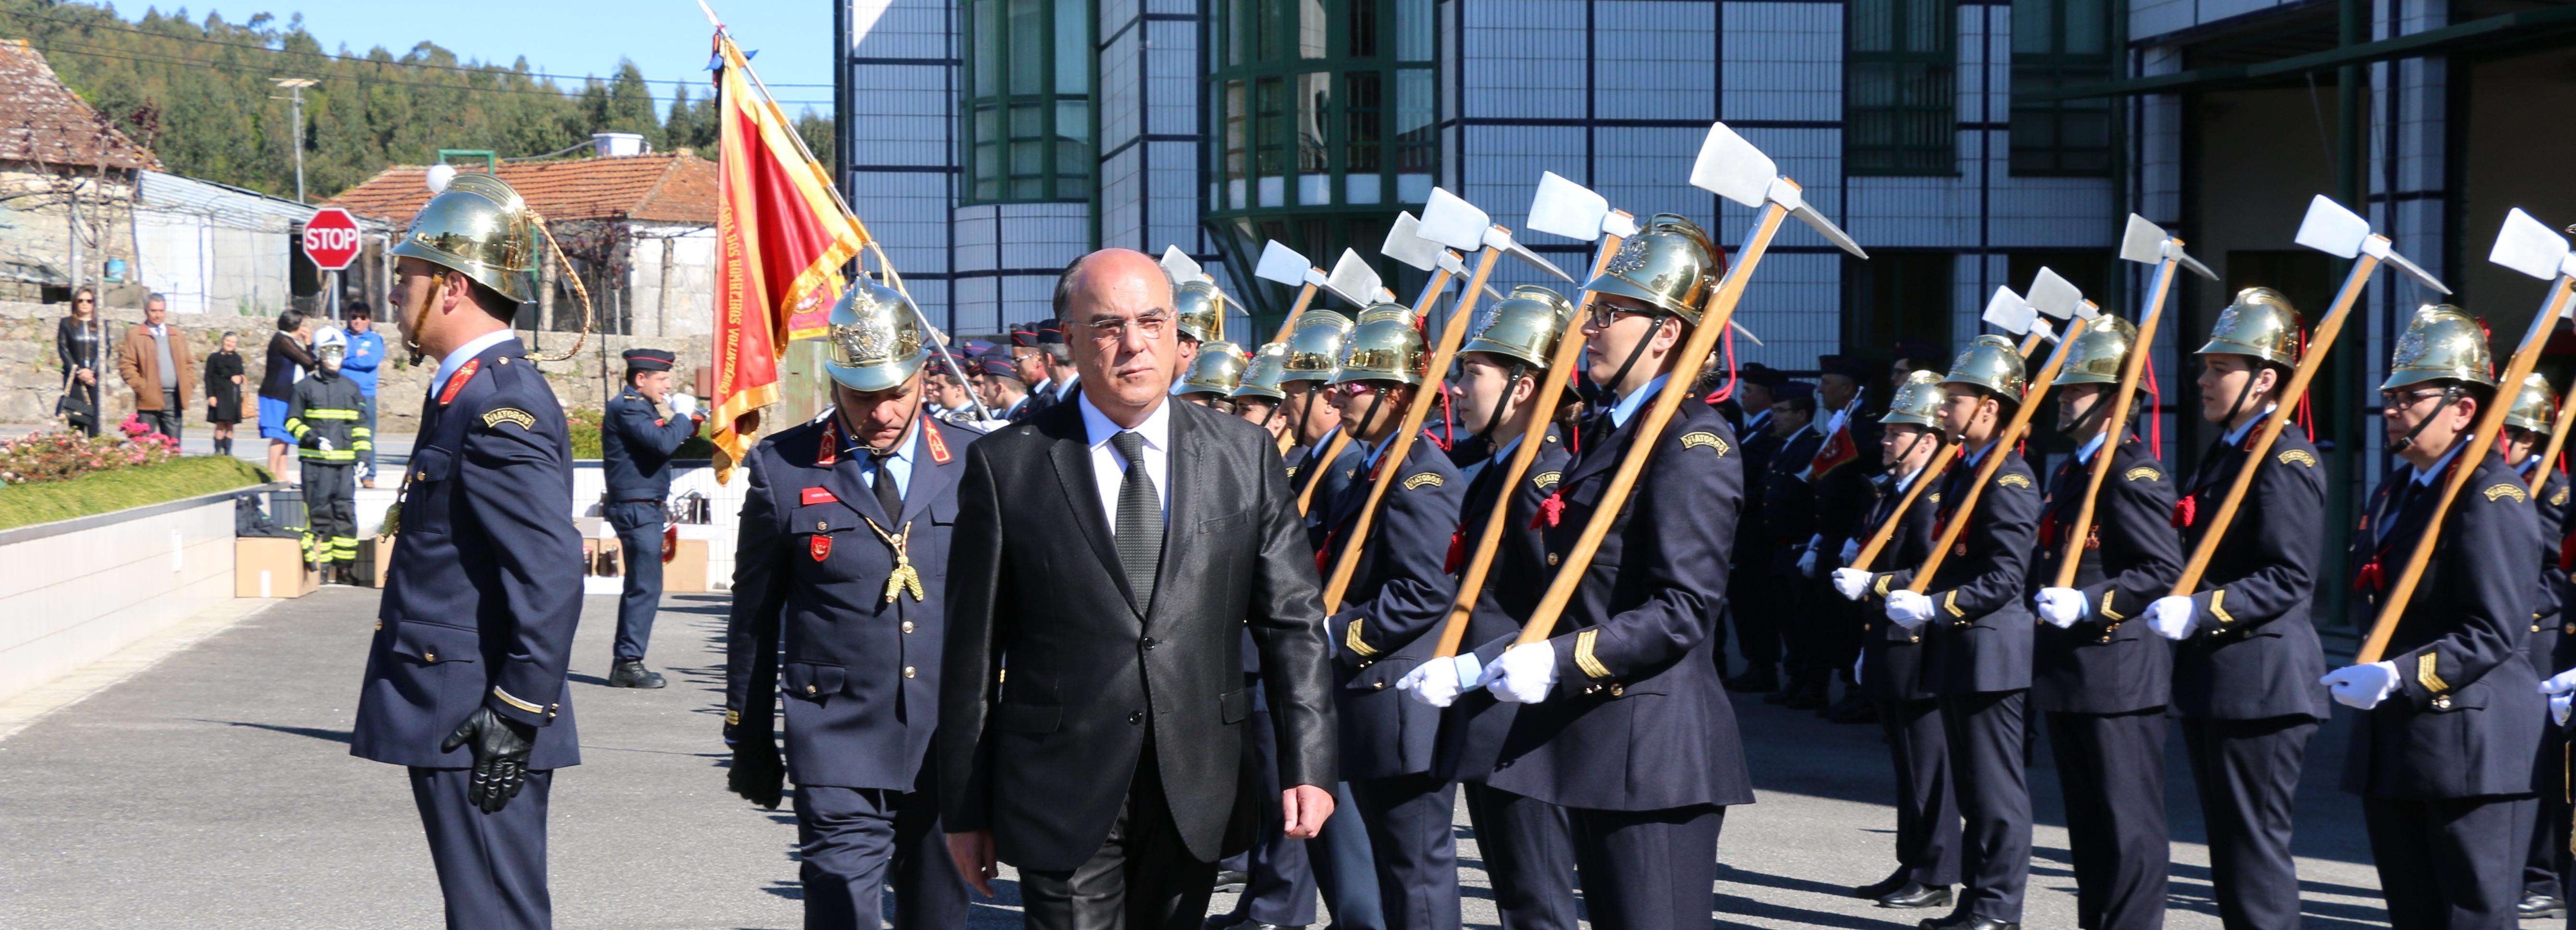 Presidente da Câmara na cerimónia do 33.º aniversário dos Bombeiros de Viatodos